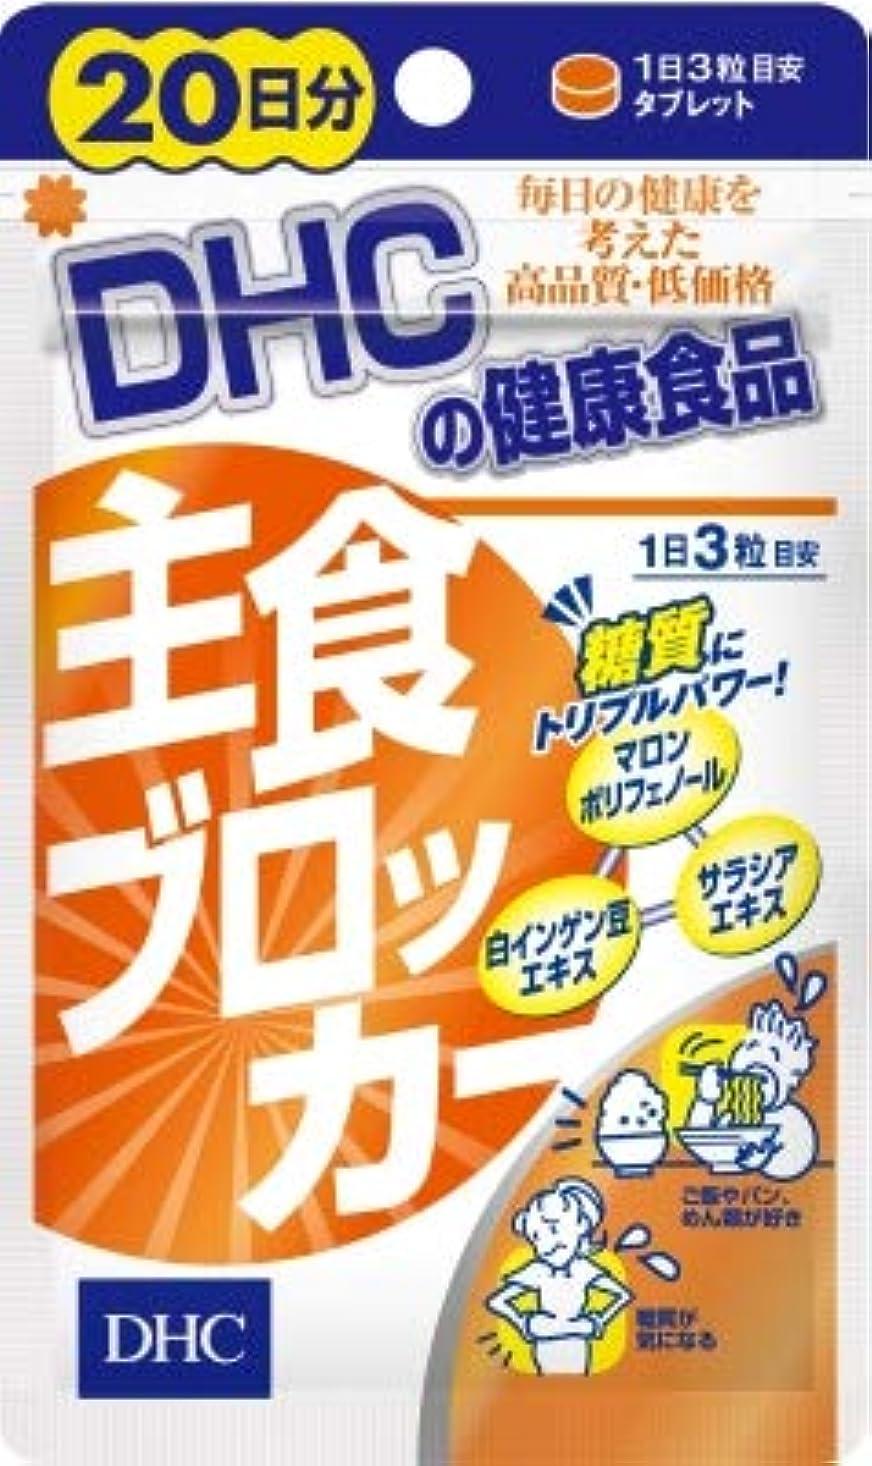 キャメル冗談で鉛筆【まとめ買い】主食ブロッカー20日60粒 ×12個